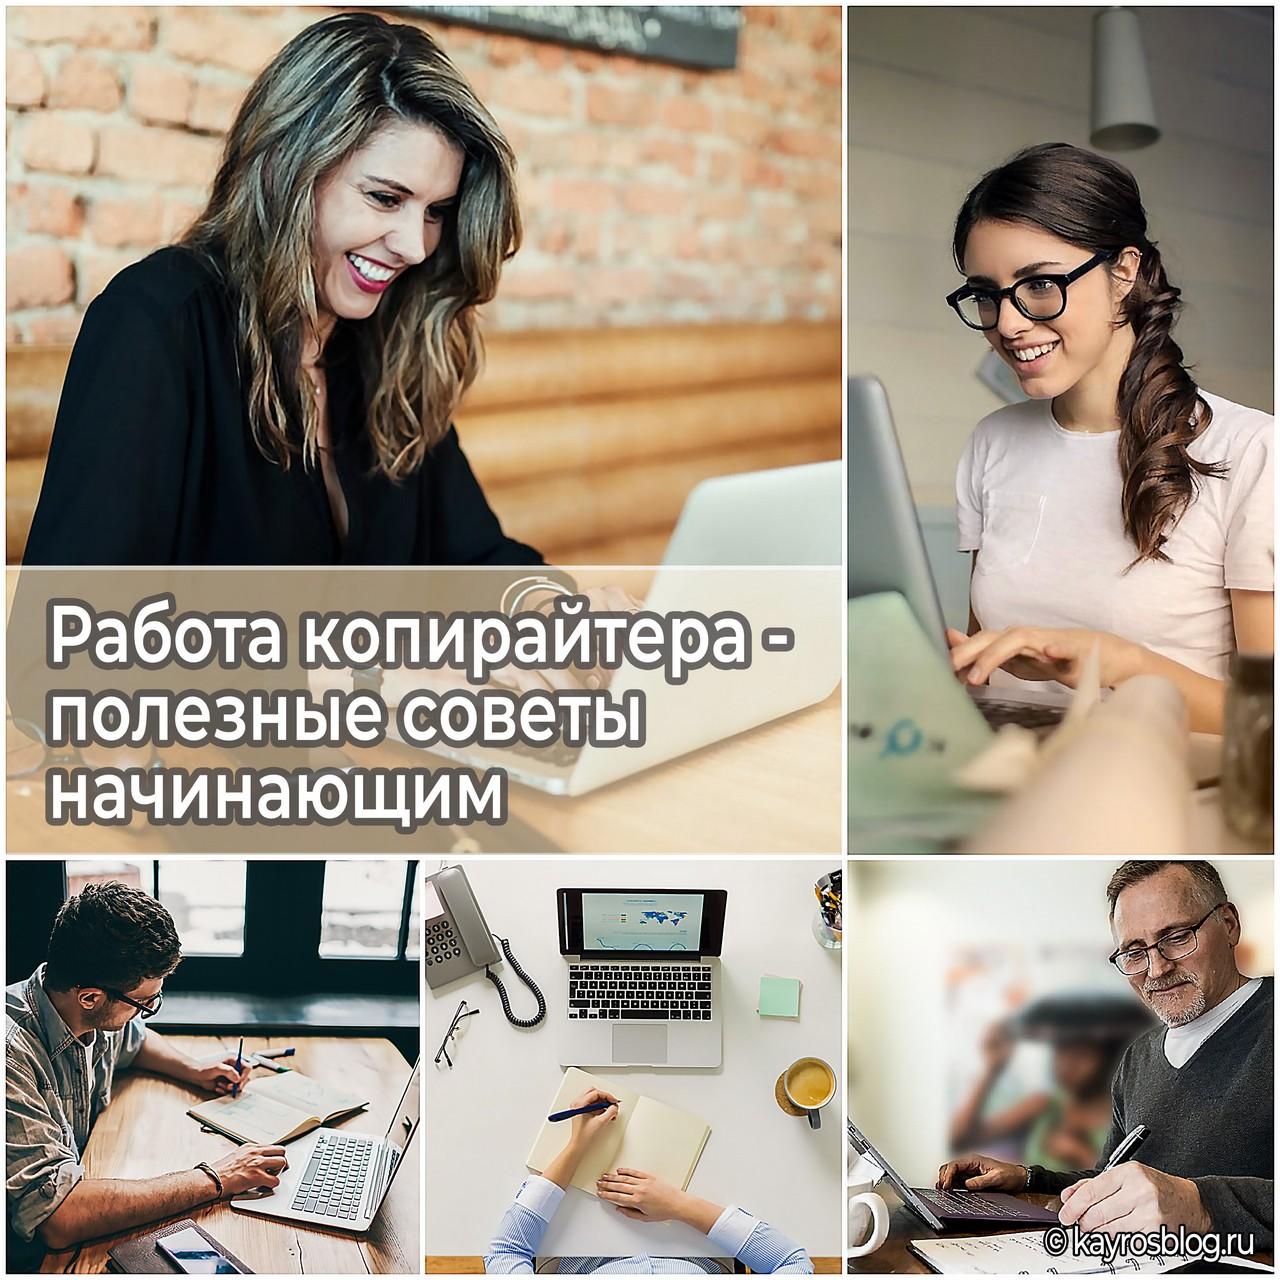 Работа копирайтера - полезные советы начинающим